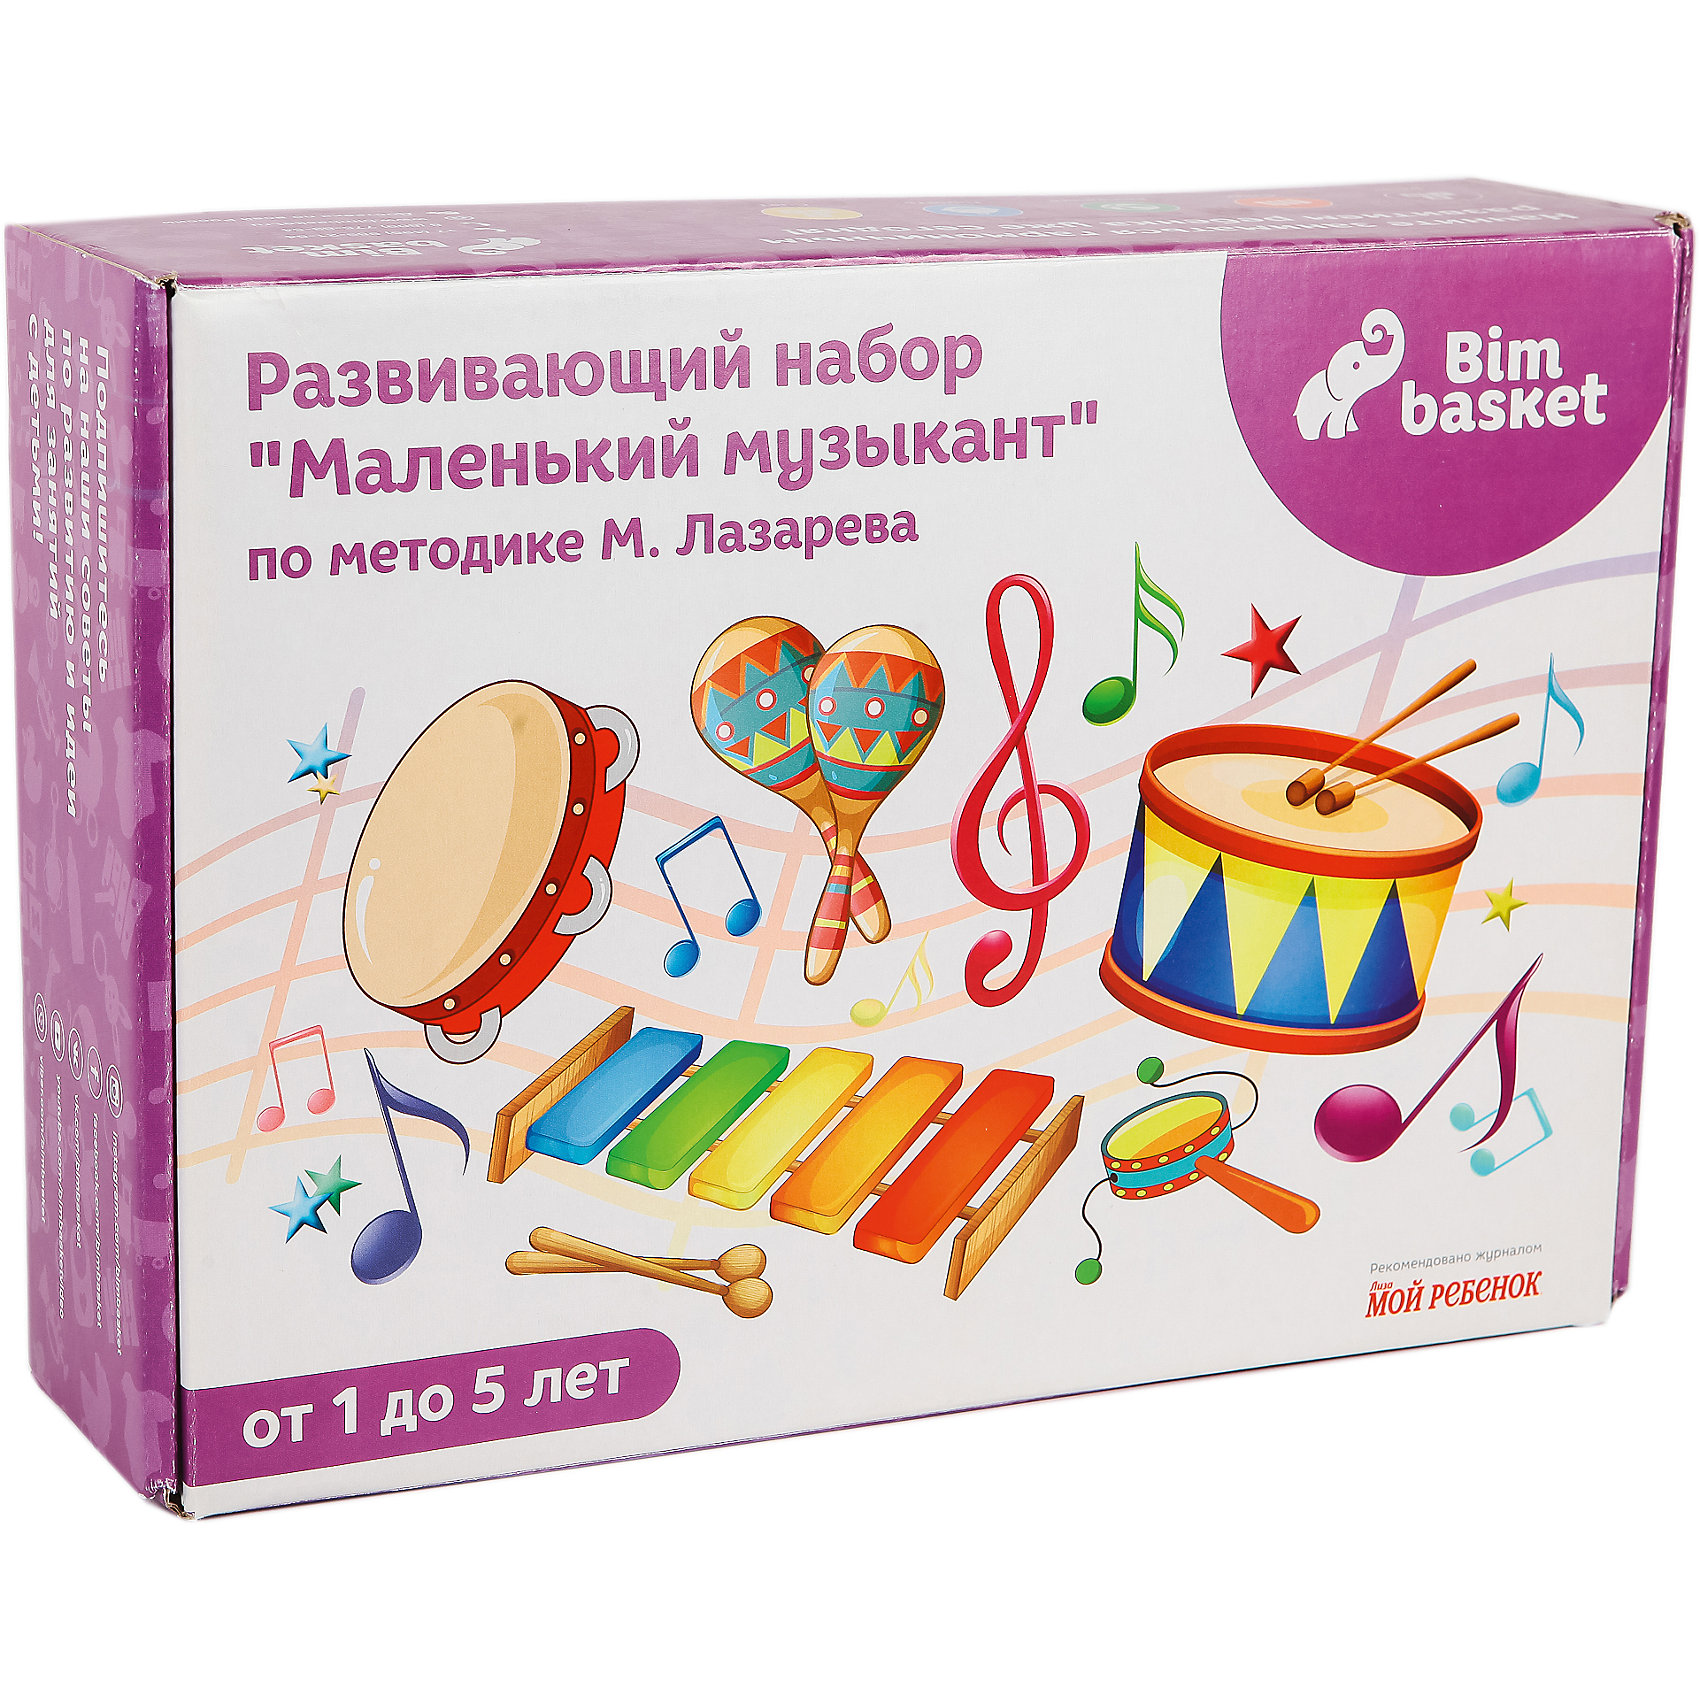 Развивающий набор Маленький музыкантМетодики раннего развития<br>Характеристики:<br><br>• Вид игр: обучающие, развивающие<br>• Серия: Музыкальные занятия<br>• Материал: картон, пластик<br>• Комплектация: 15 карточек с тексами песен для мамы, 15 карточек с песнями для ребенка, 4 песенника с текстами всех песен, карточки с авторскими песенками, металлофон с наклейками, сенсорный тренажер, рекомендации родителям.<br>• Тип упаковки: картонная коробка<br>• Размеры упаковки (Д*Ш*В): 23*8,5*33 см<br>• Вес в упаковке: 1 кг 438 г<br><br>Суть методики заключается в использовании специально написанной музыки для развития музыкального слуха и творческих способностей ребенка. Игры и занятия составлены таким образом, что с ними справится любая мама, даже не имея музыкального образования. <br><br>Развивающий набор Маленький музыкант состоит из коллекции песенок, металлофона с наклейками и сенсорного тренажера. В комплекте предусмотрены методические рекомендации для родителей. Развивающий набор Маленький музыкант позволит с помощью музыки не только научиться играть простейшие мелодии, но и освоит в легкой игровой форме устный счет, изучит цвета радуги и познакомится со многими явлениями окружающего мира.<br><br>Развивающий набор Маленький музыкант можно купить в нашем интернет-магазине.<br><br>Ширина мм: 230<br>Глубина мм: 85<br>Высота мм: 330<br>Вес г: 1438<br>Возраст от месяцев: 36<br>Возраст до месяцев: 2147483647<br>Пол: Унисекс<br>Возраст: Детский<br>SKU: 5523169